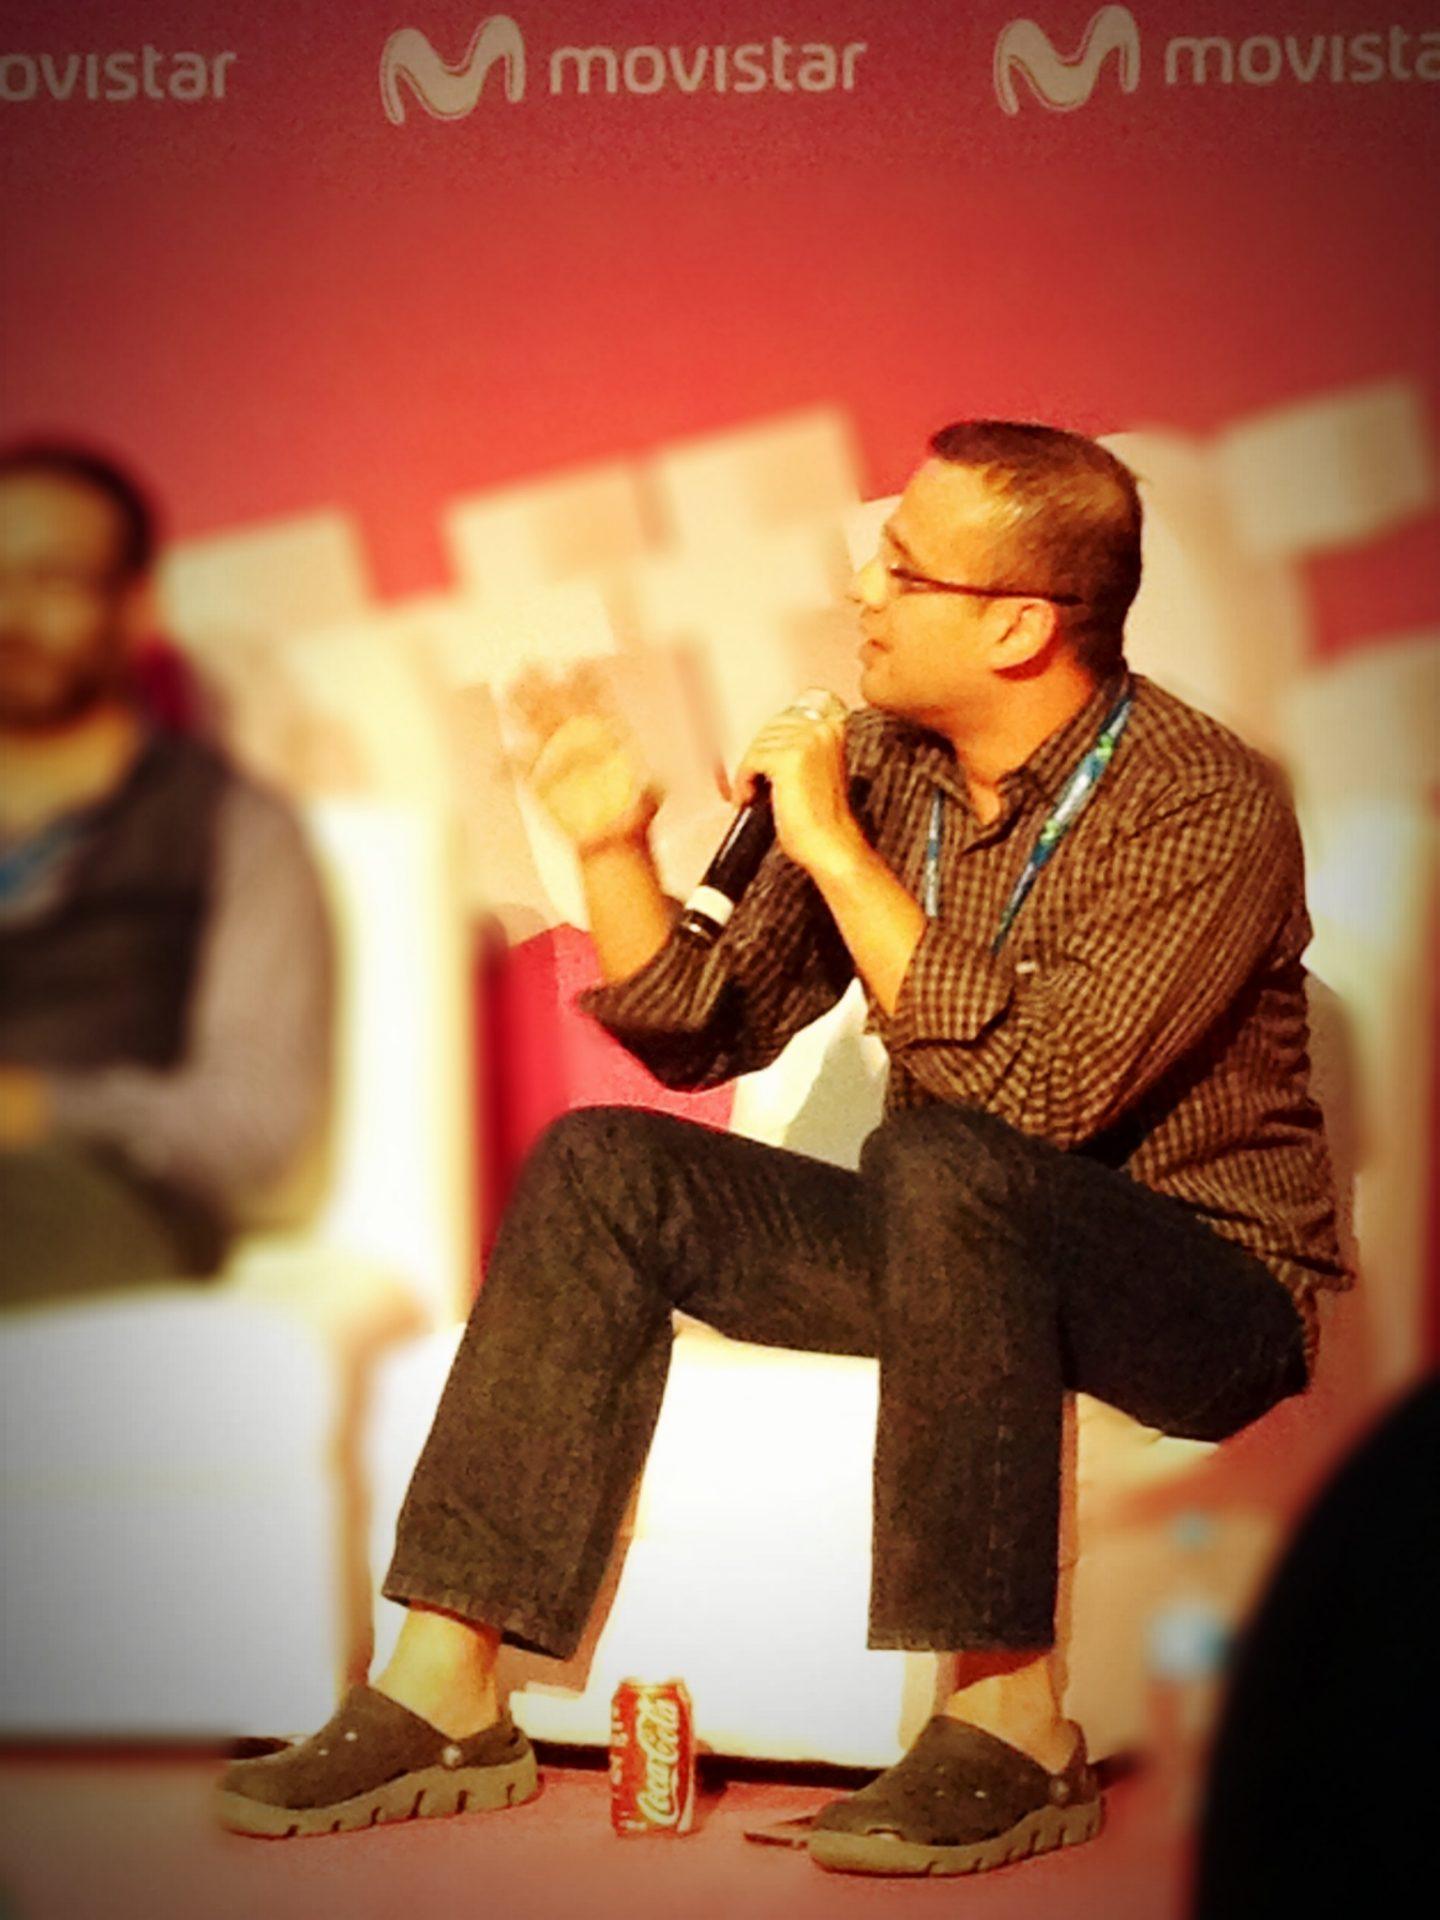 Jorge Avila - Power User de Coca Cola, no Vocero de Marca, que son cosas distintas